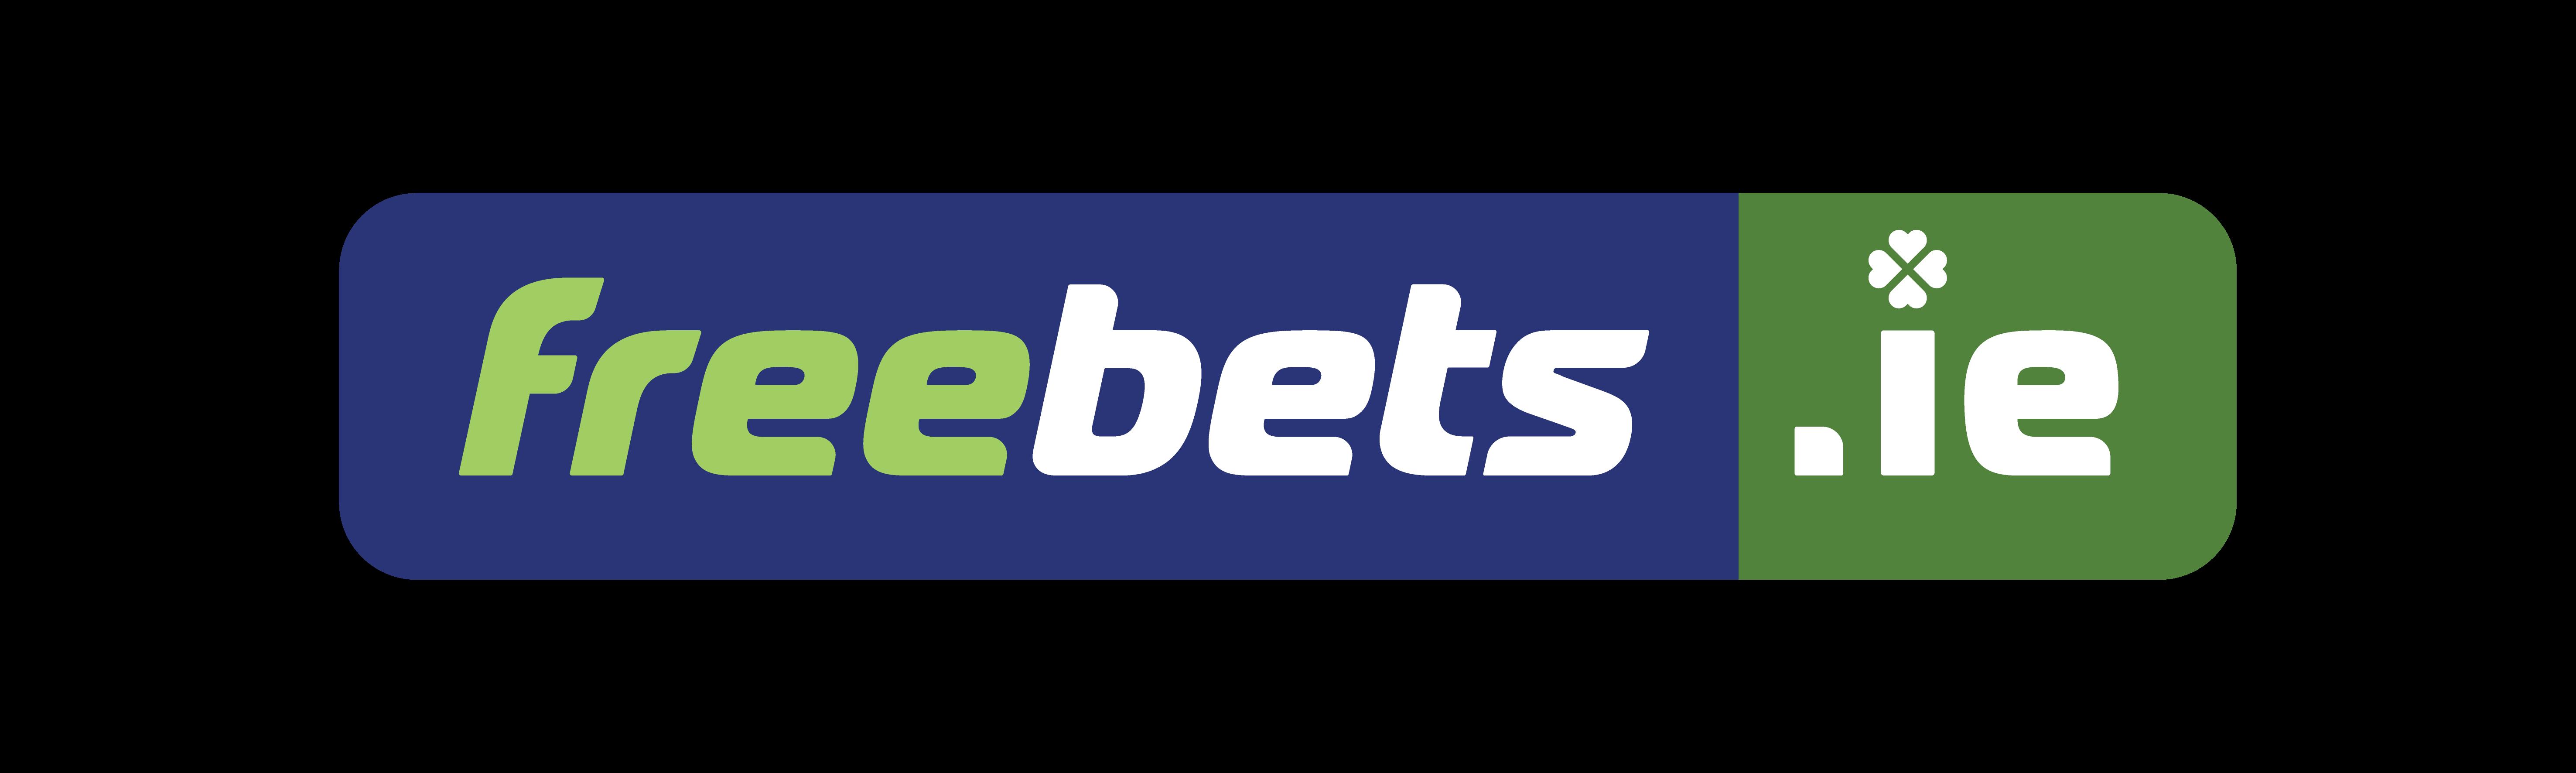 Freebets.ie